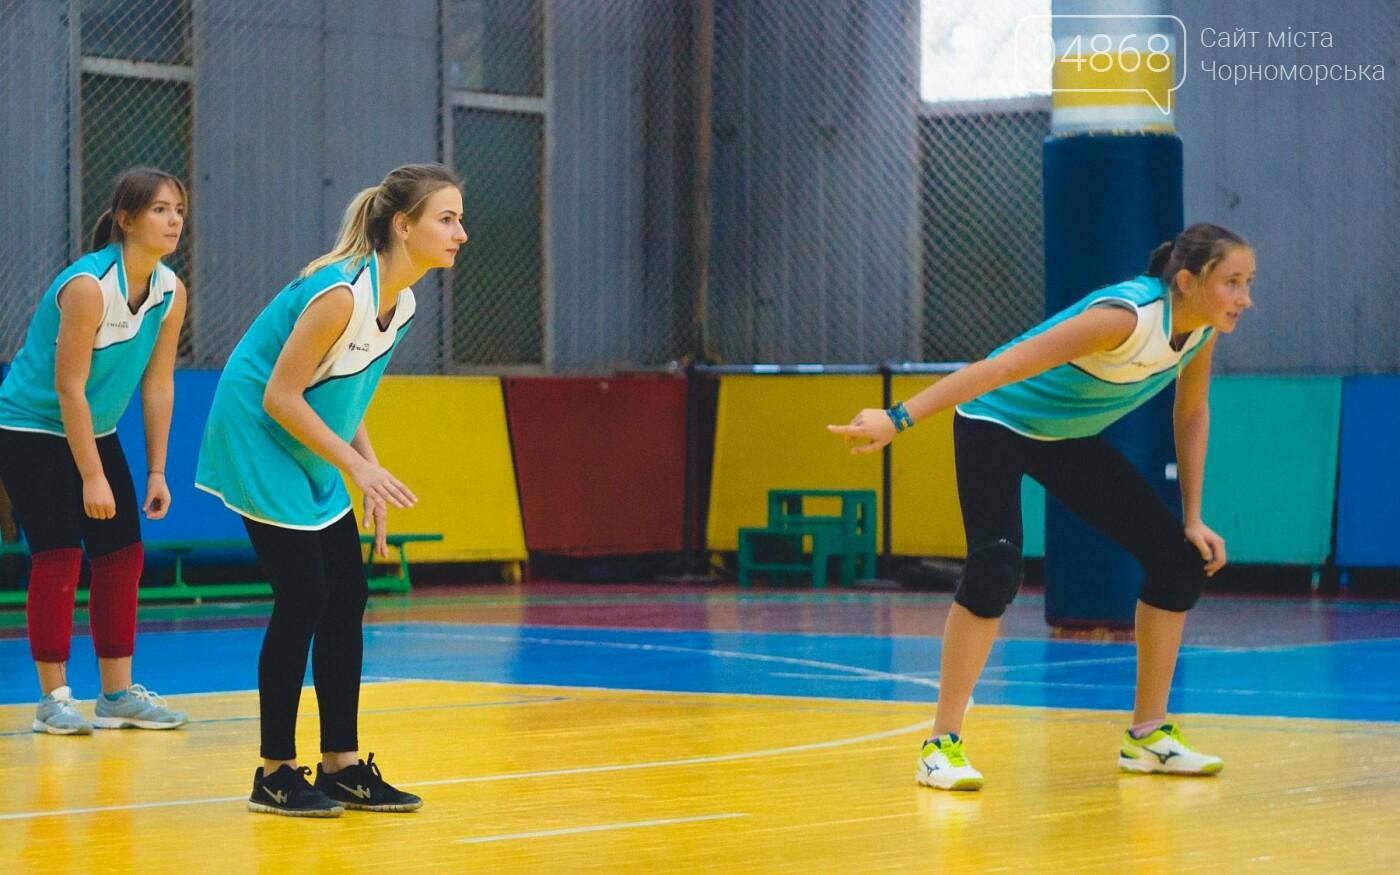 В Черноморске проходит городская спартакиада по волейболу, фото-11